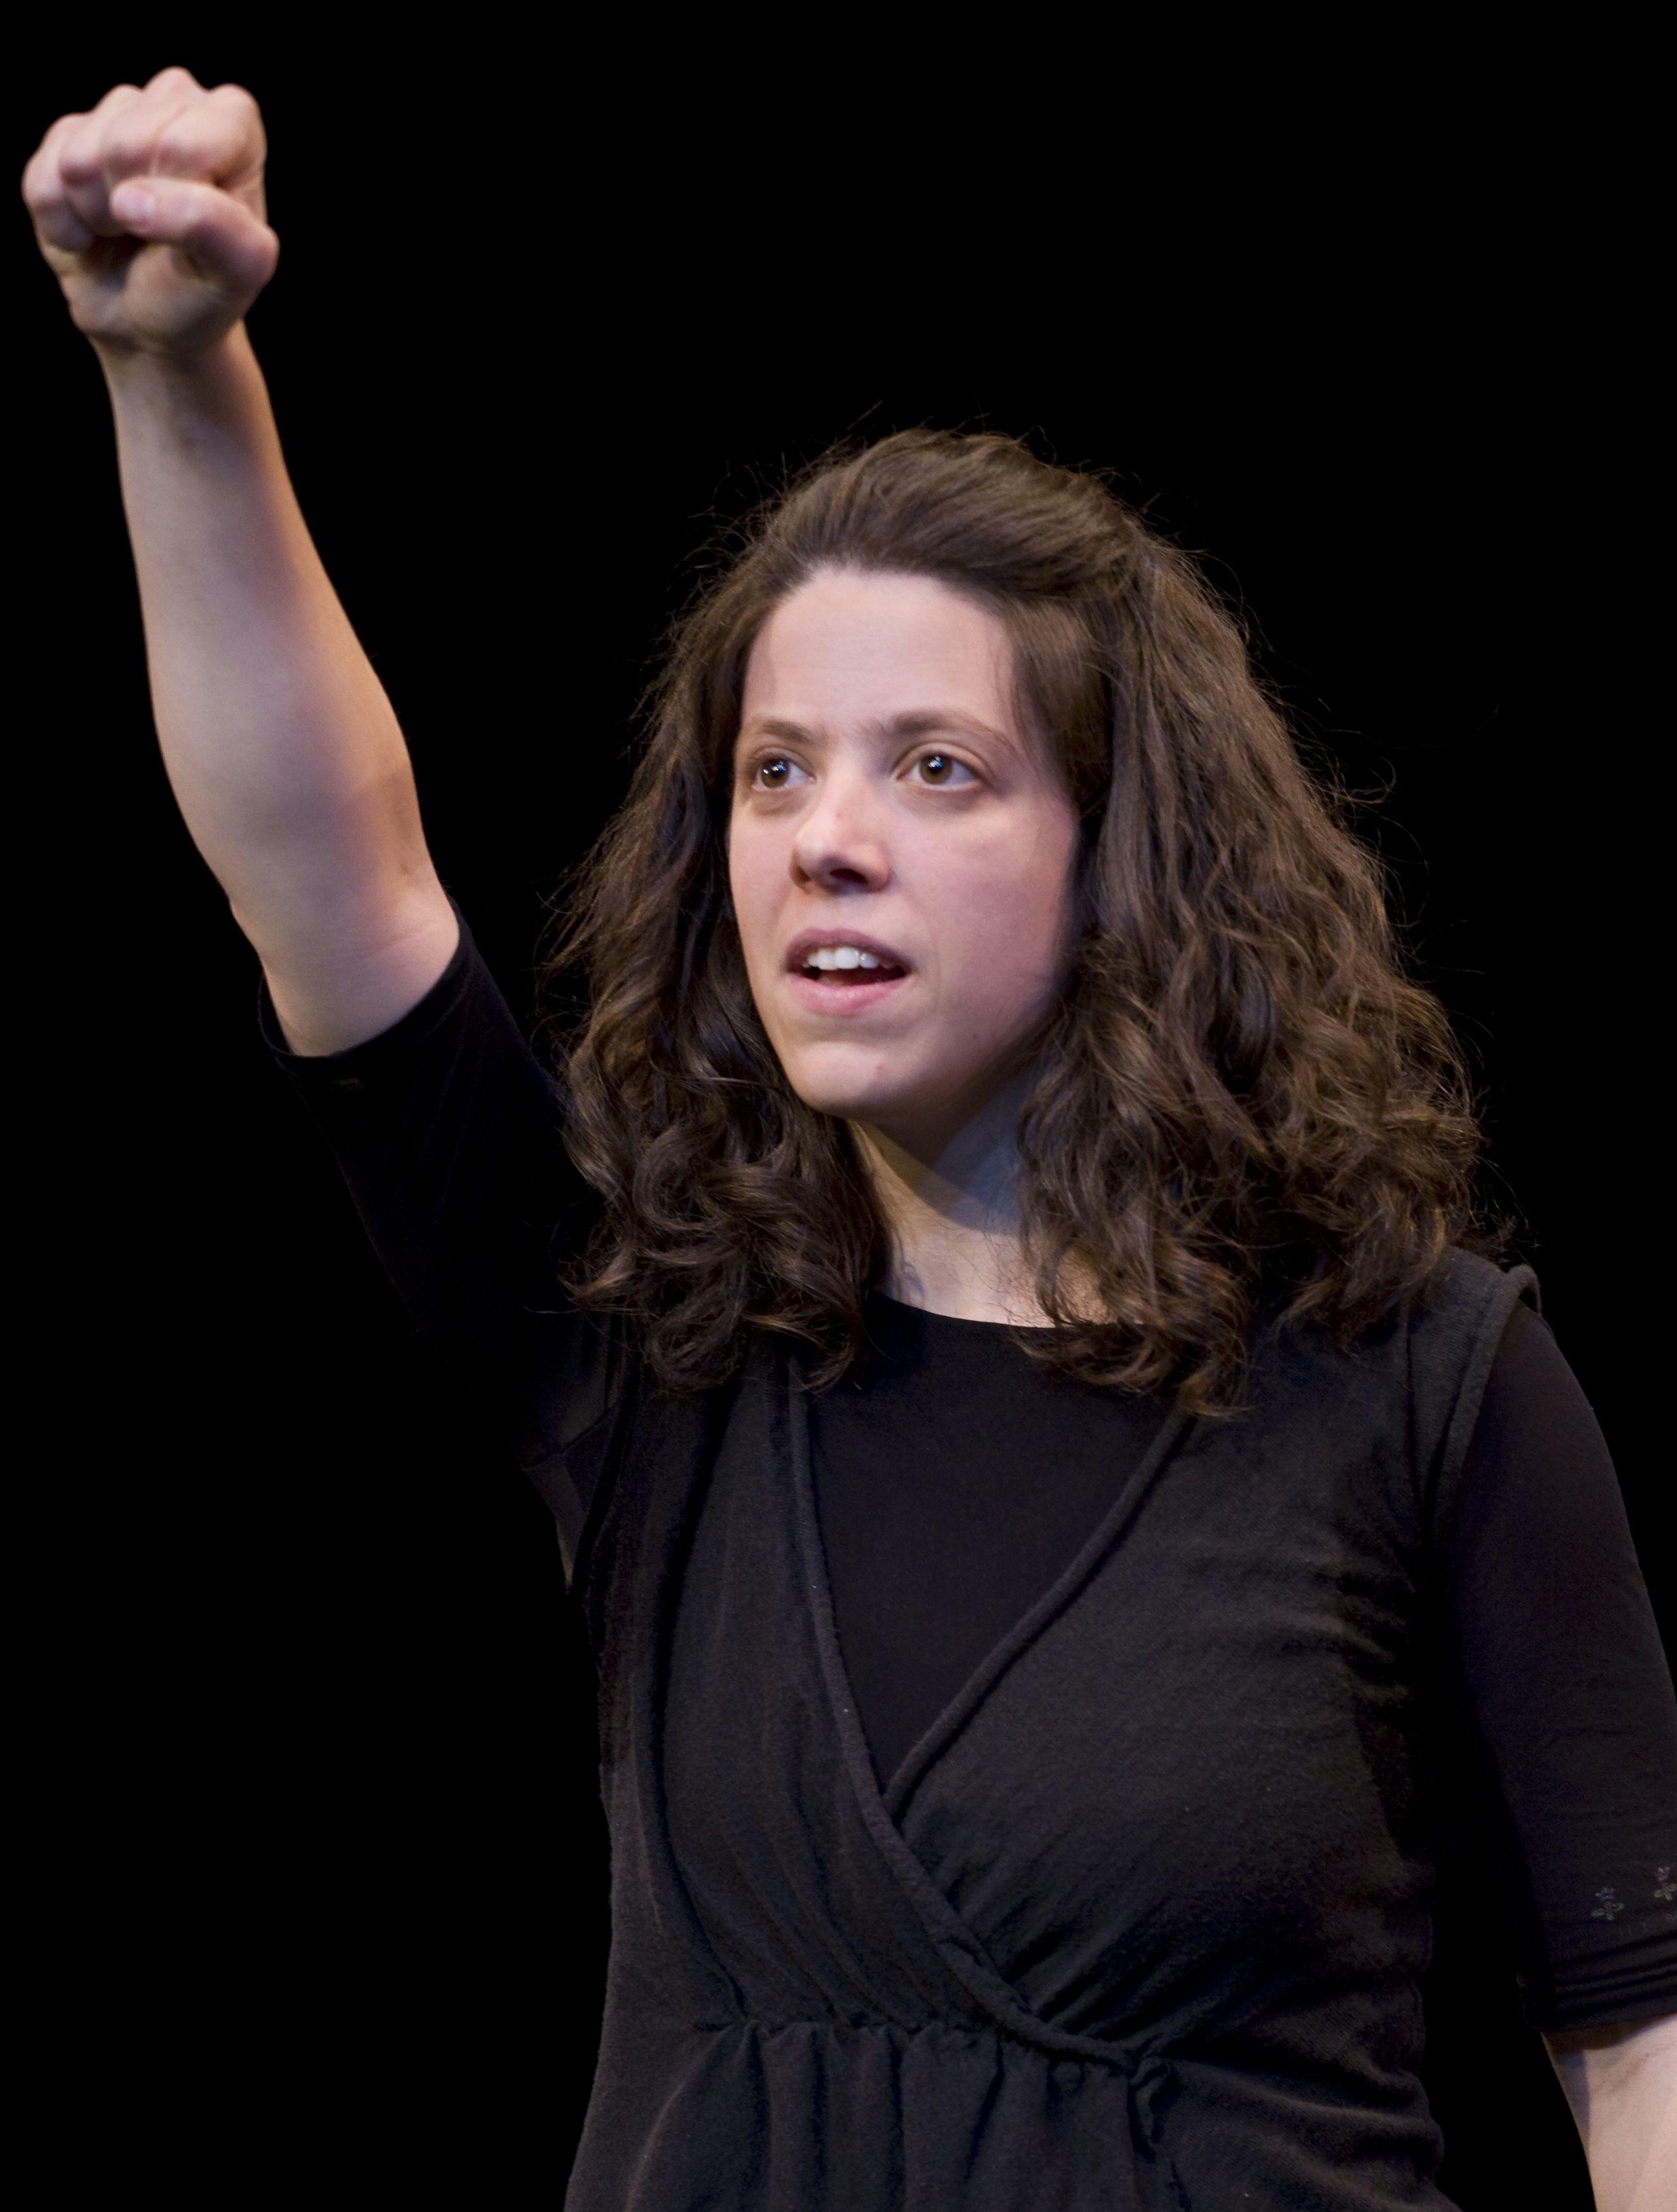 Julie Rosier detroit ensemble – red thread commons